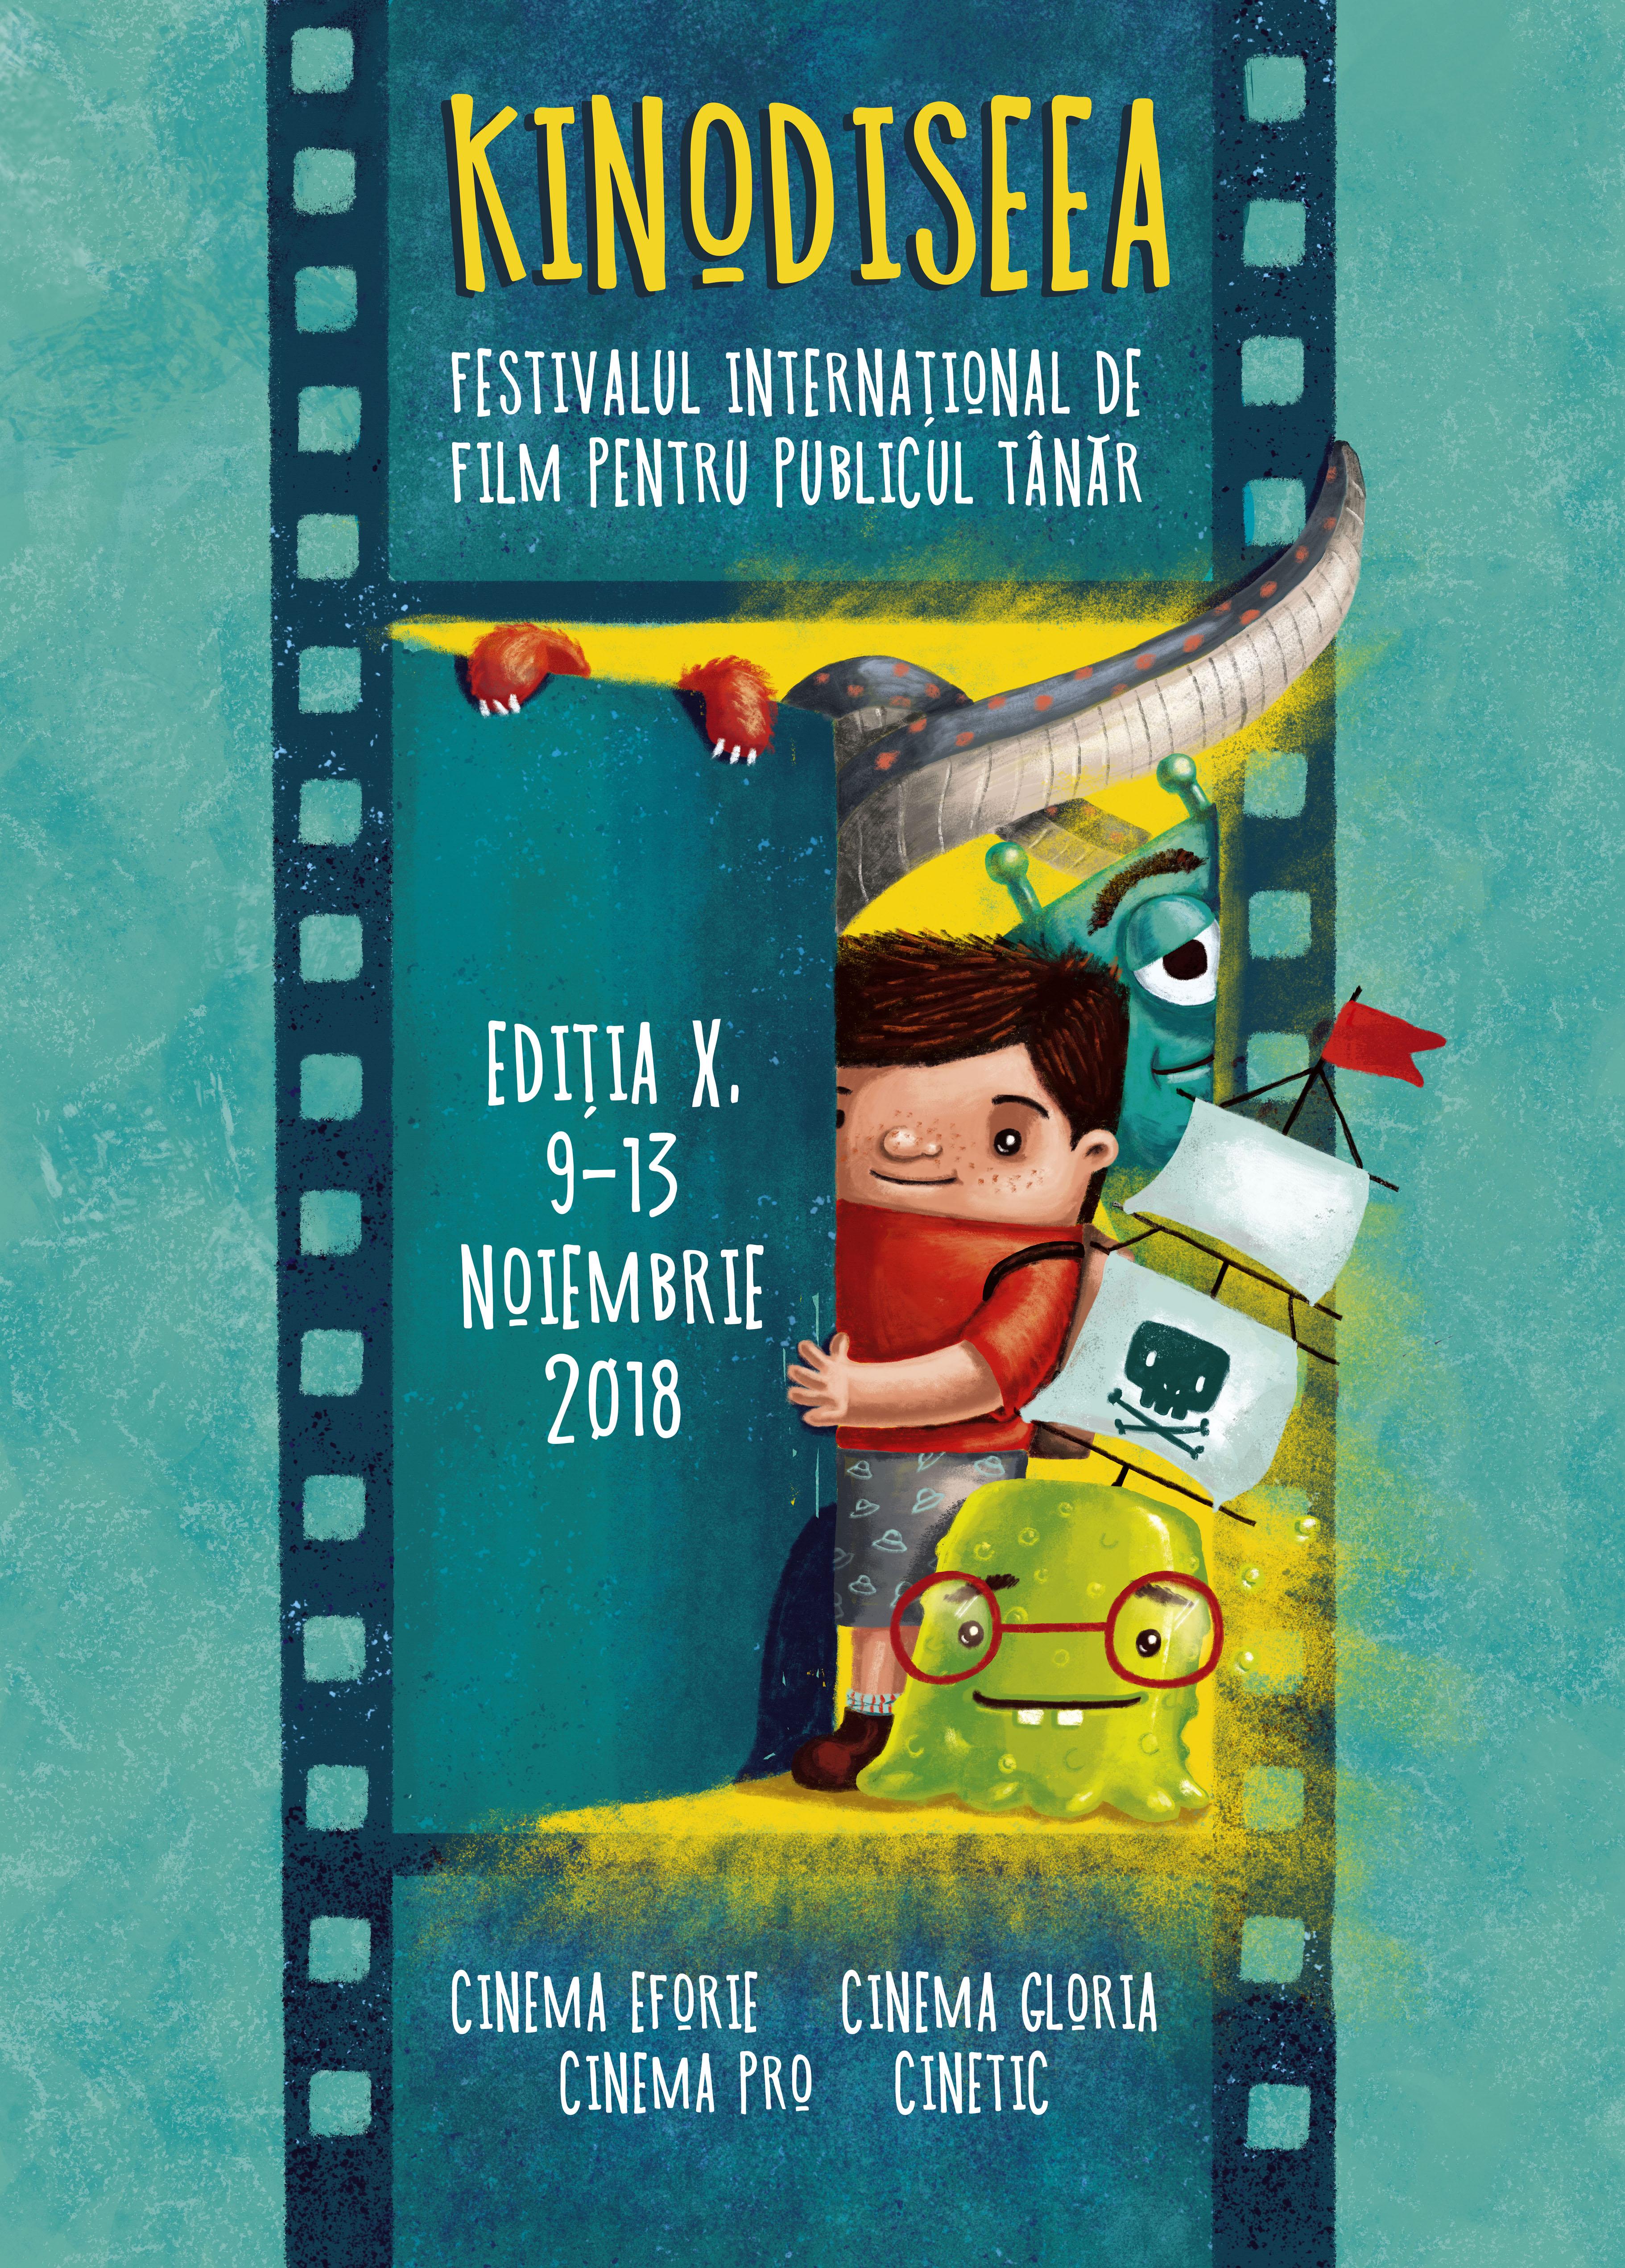 kinodiseea film festival poster illustration andra badea adventure movie children cuteoshenii